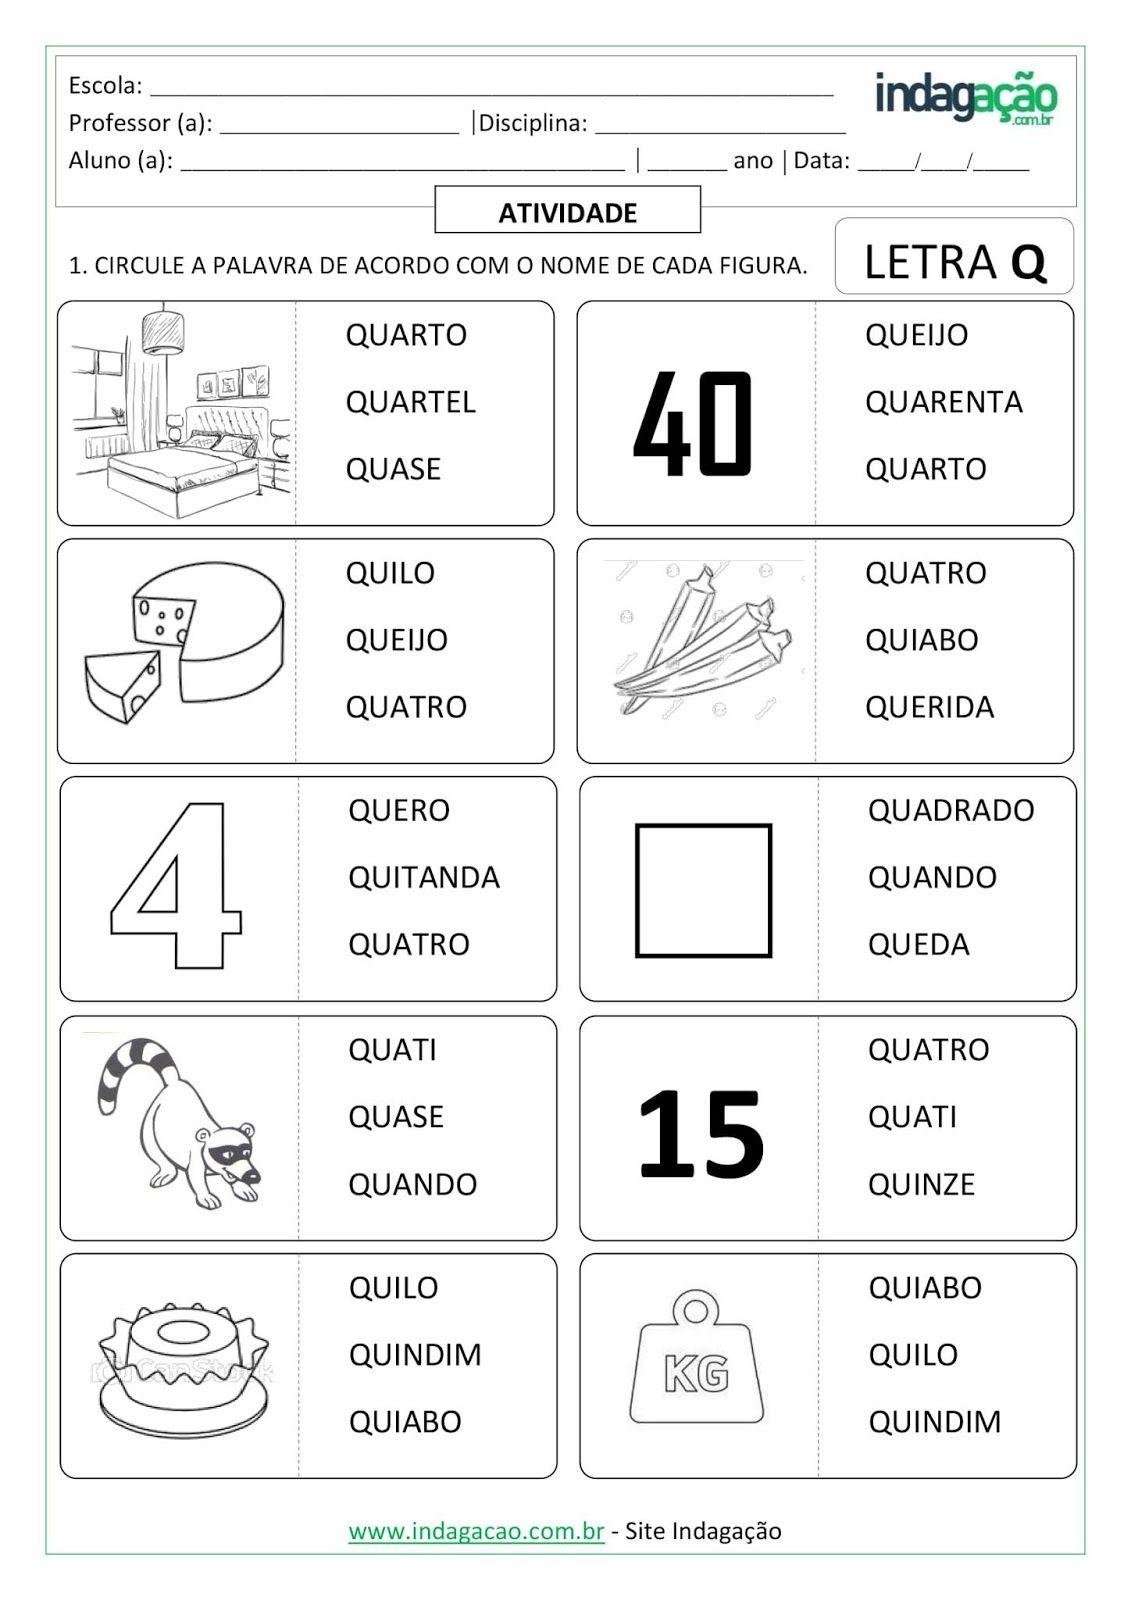 Sequencia Alfabetica Para Ditado Da Letra Q Imprimir Atividade Em